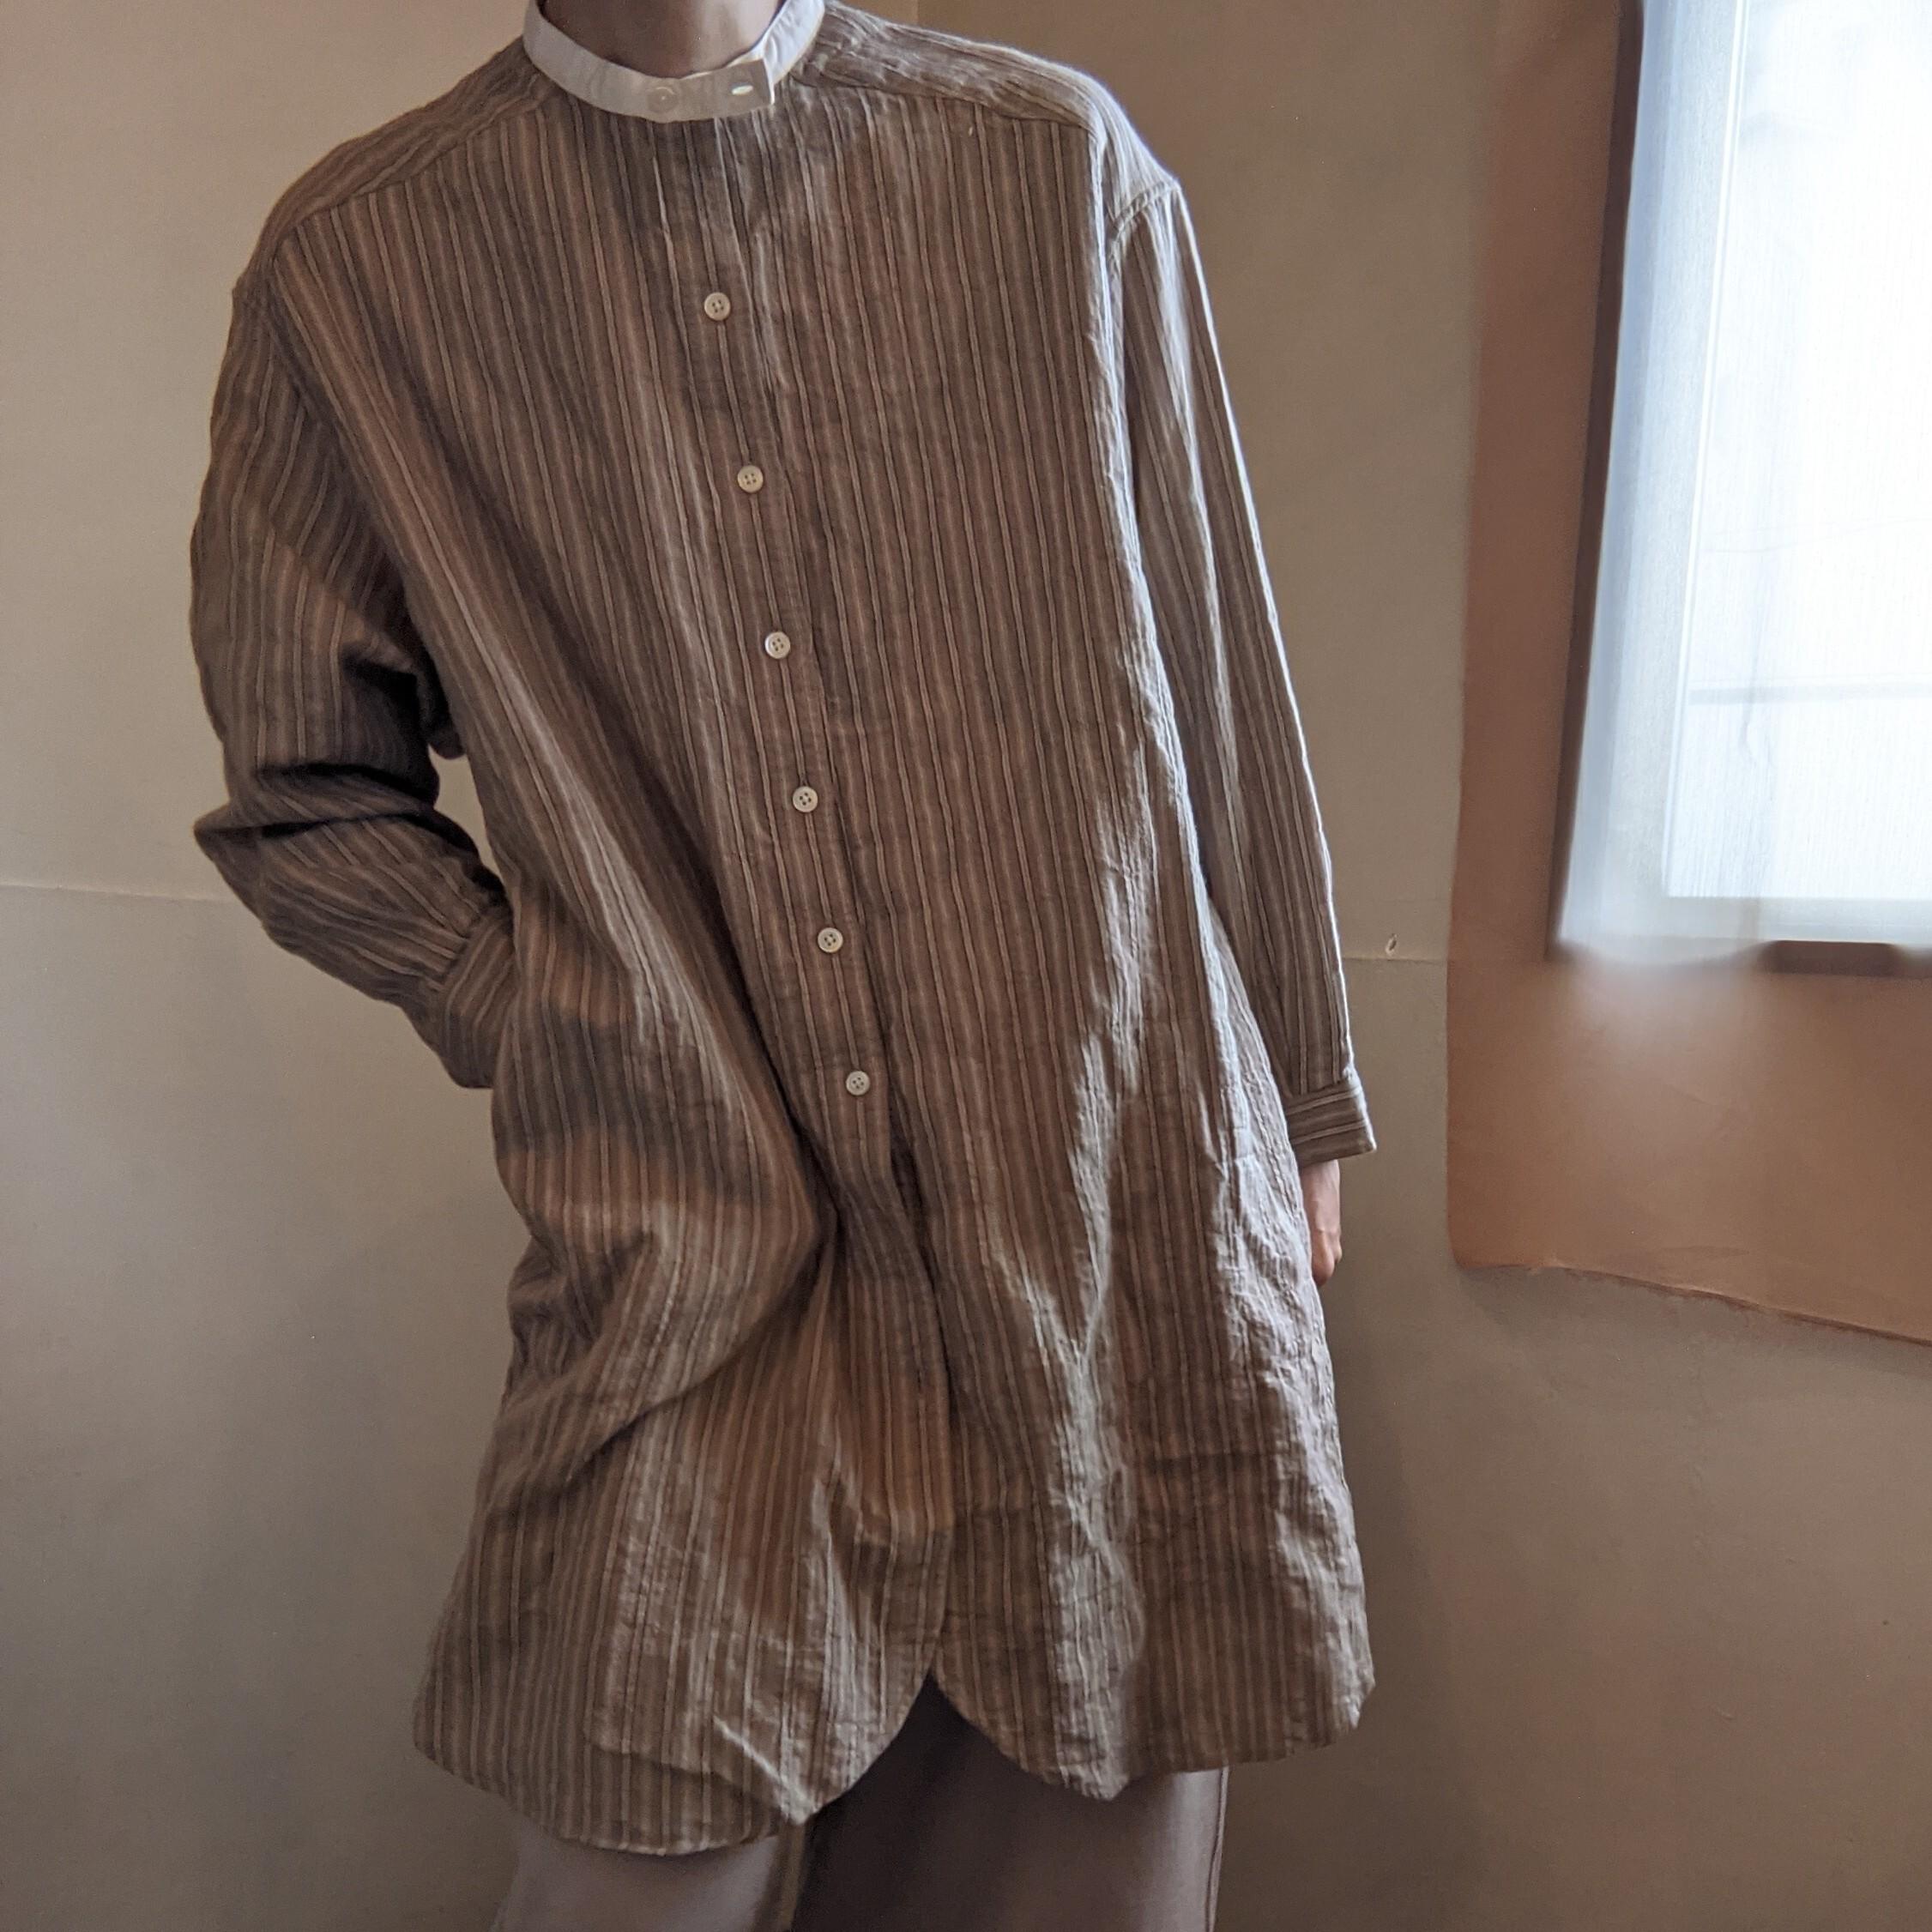 【 DanaFaneuil 】ダナファヌル / ヘリンボンシャーリングストライプ  ロングシャツ / スタンドカラー